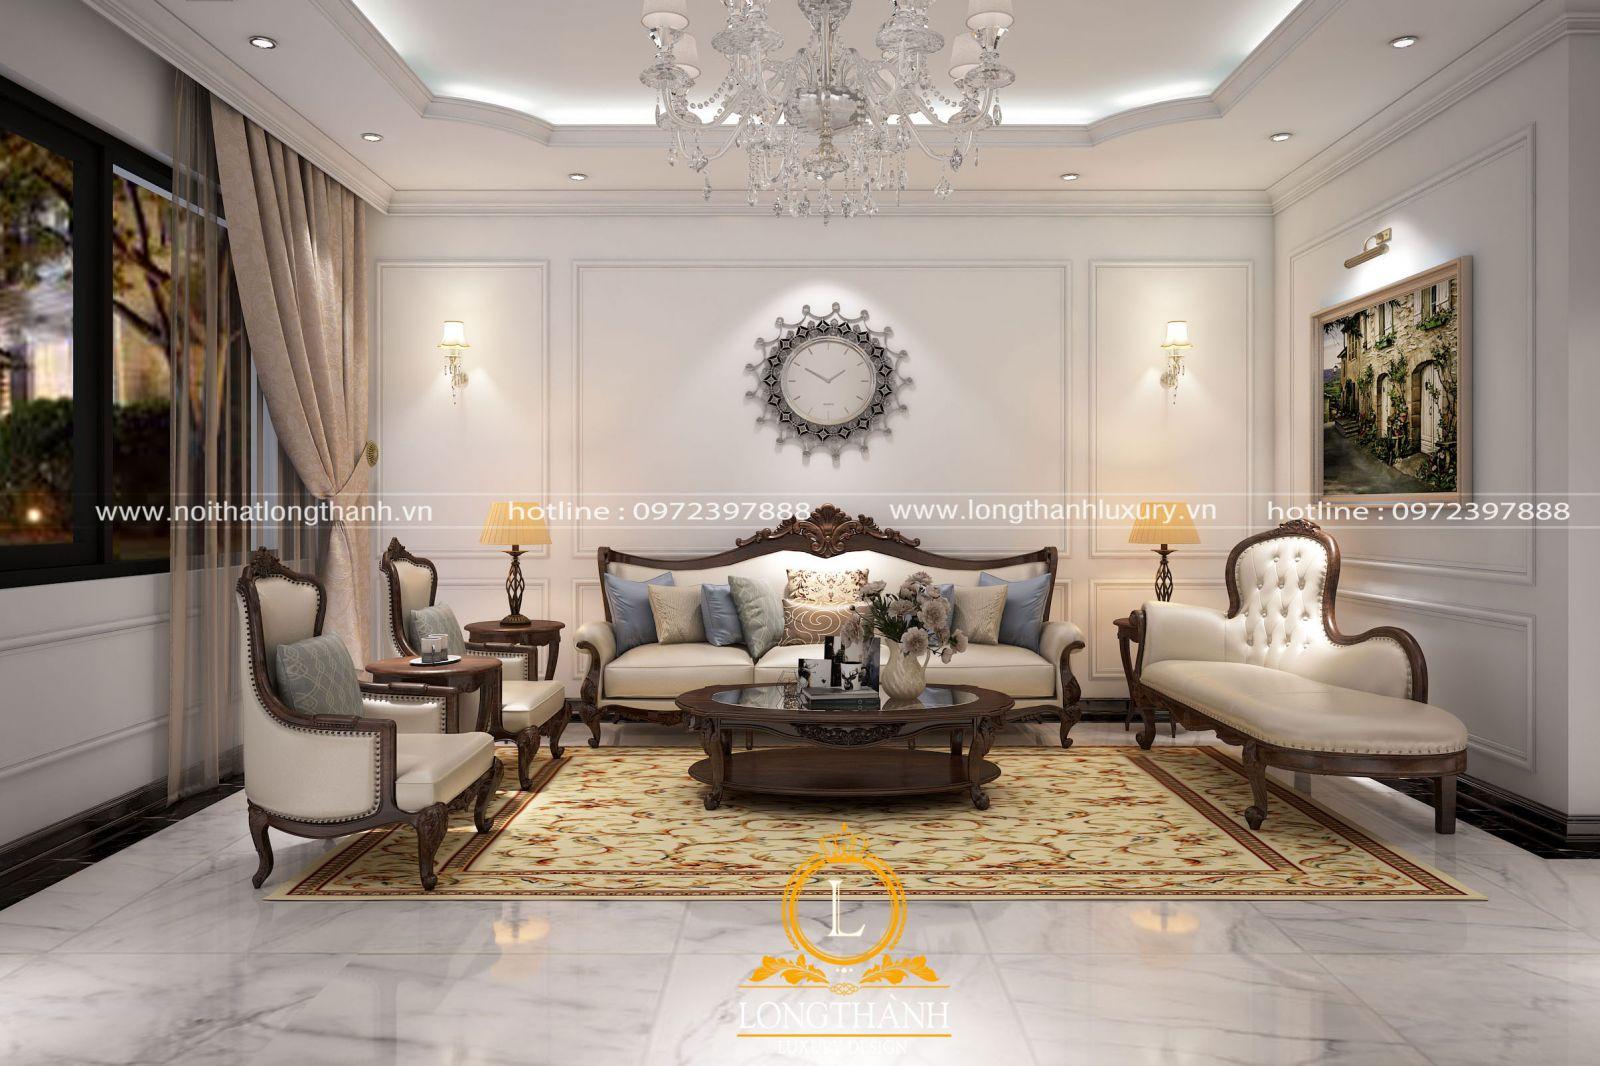 Mẫu trang trí phòng khách biệt thự đẹp LT24